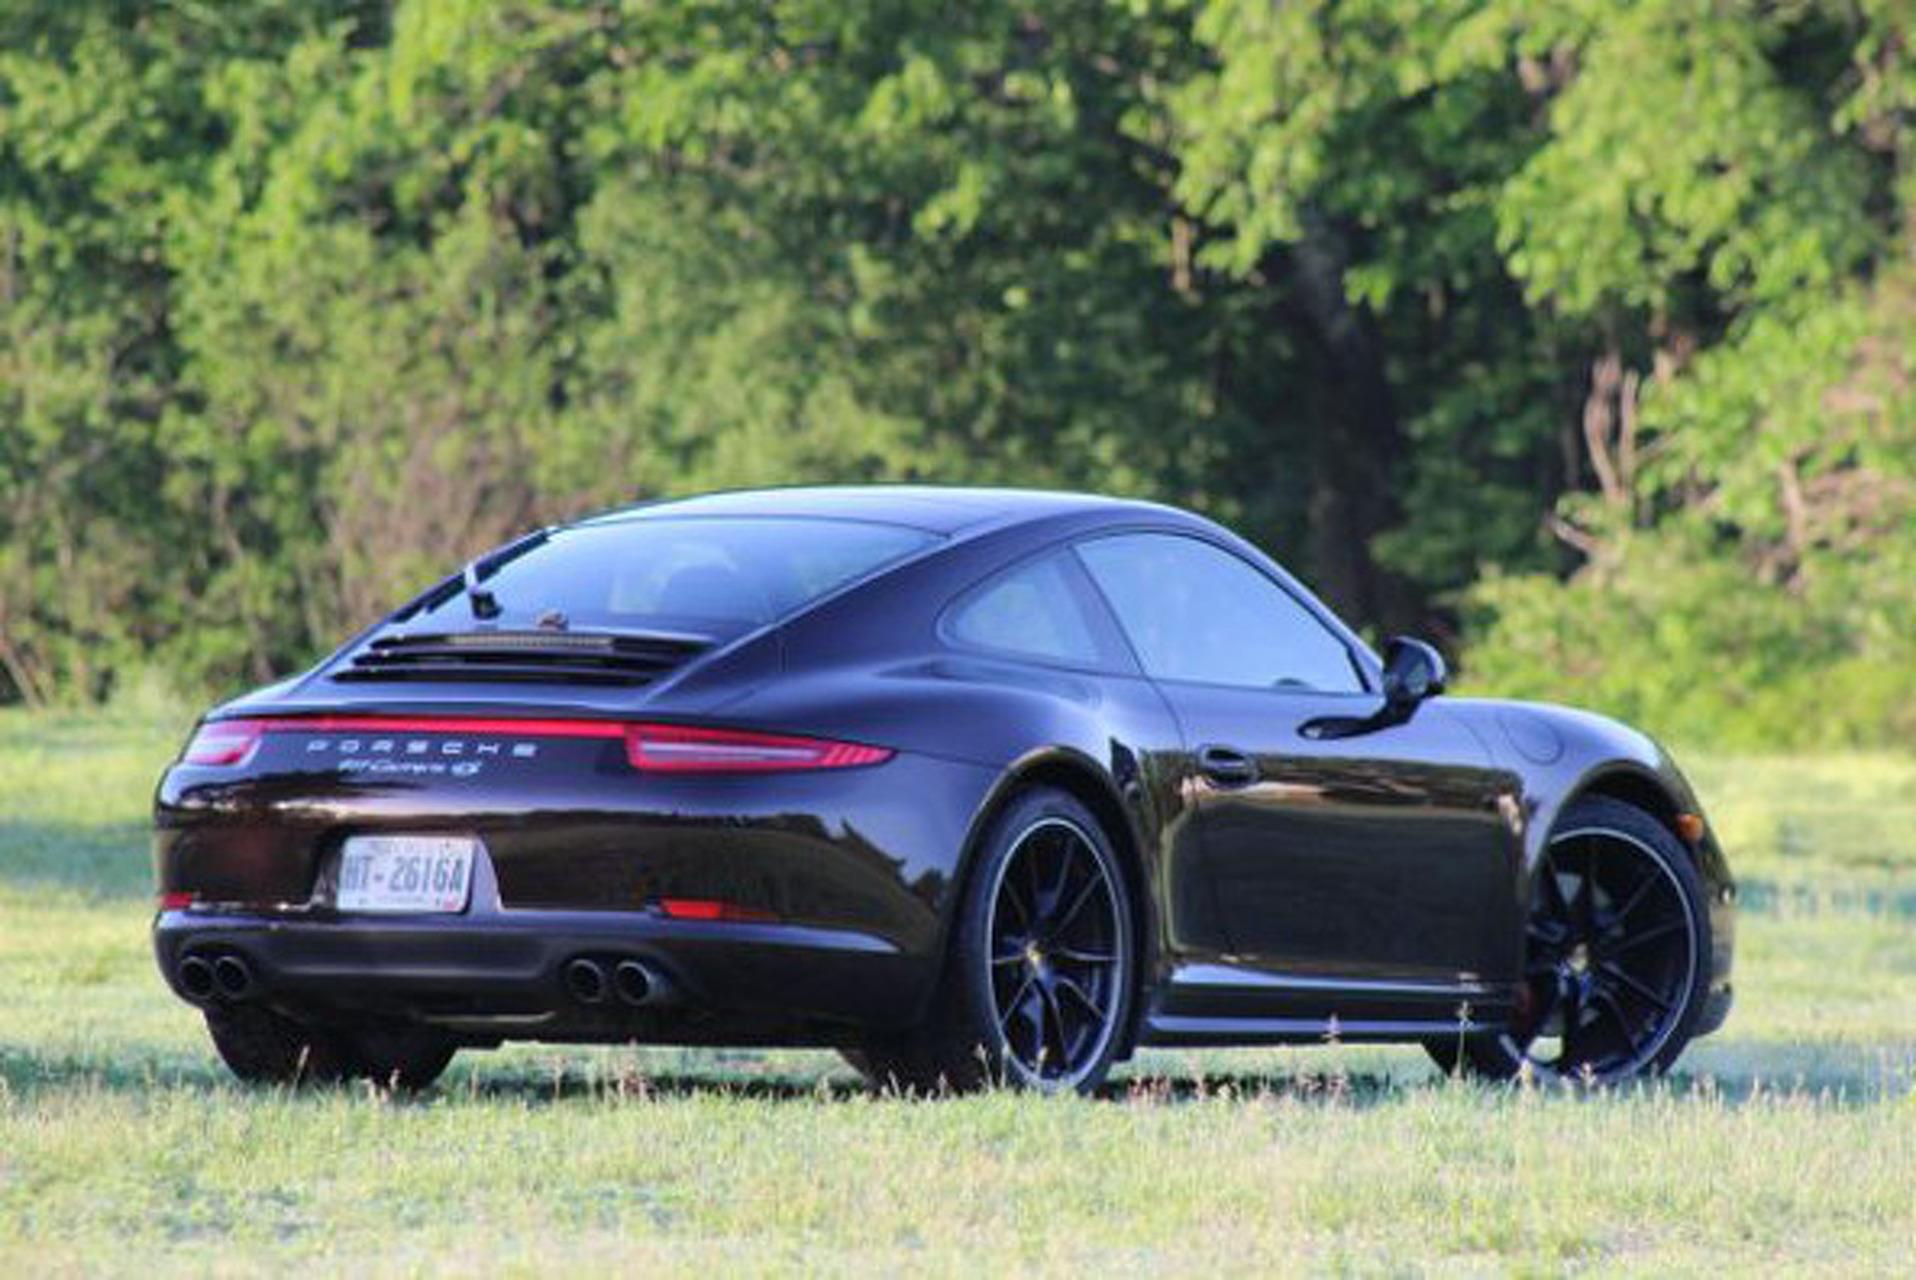 Porsche 911 Carrera 4S Review: Usable Nirvana